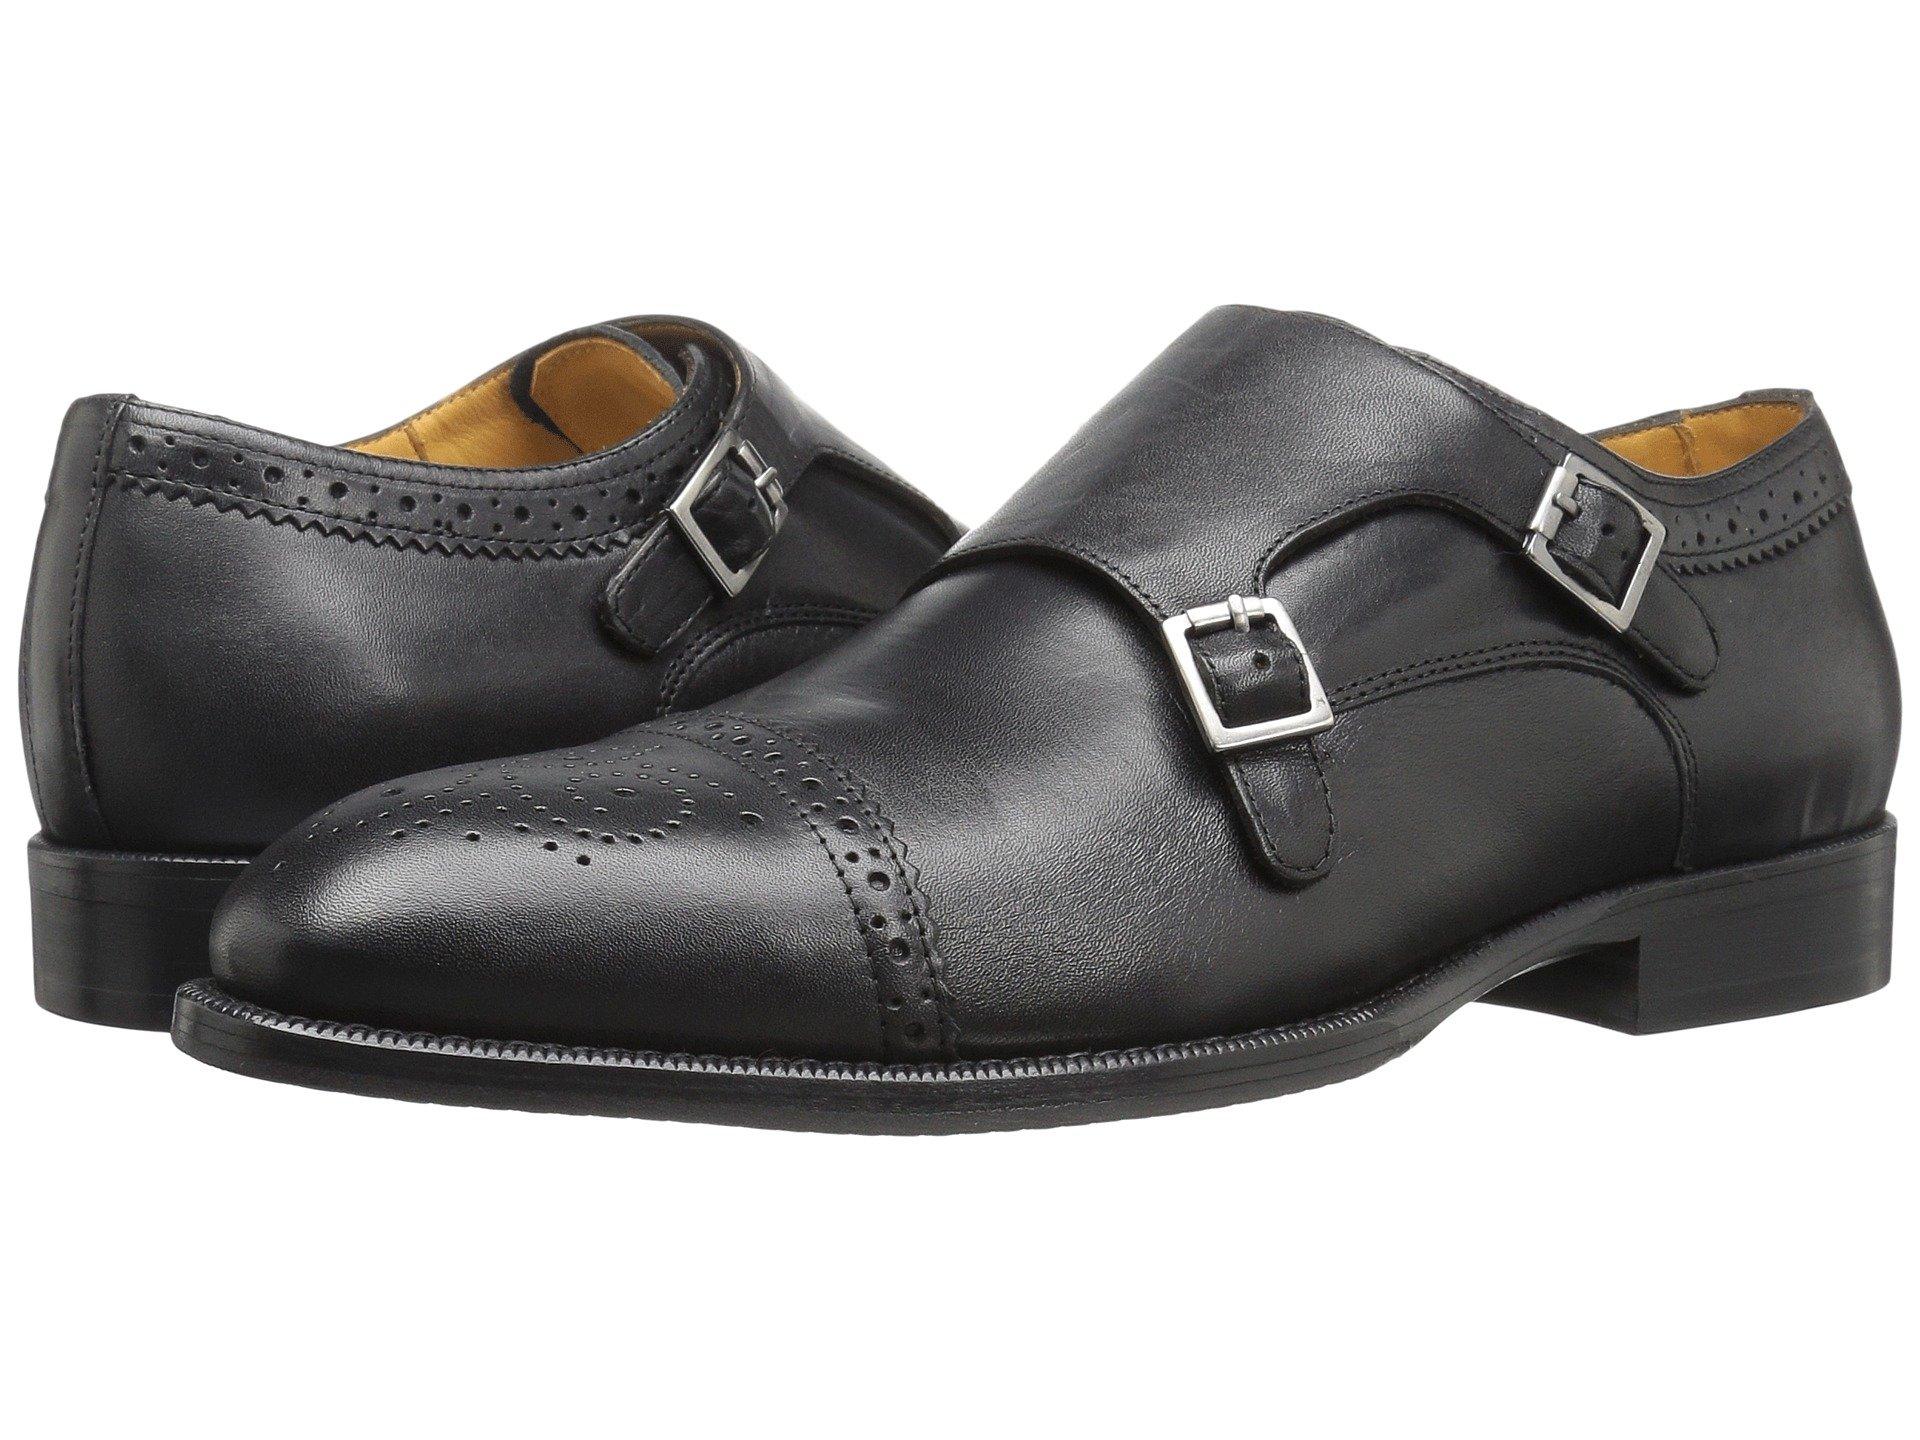 Calzado tipo Oxford para Hombre Vince Camuto Briant  + Vince Camuto en VeoyCompro.net